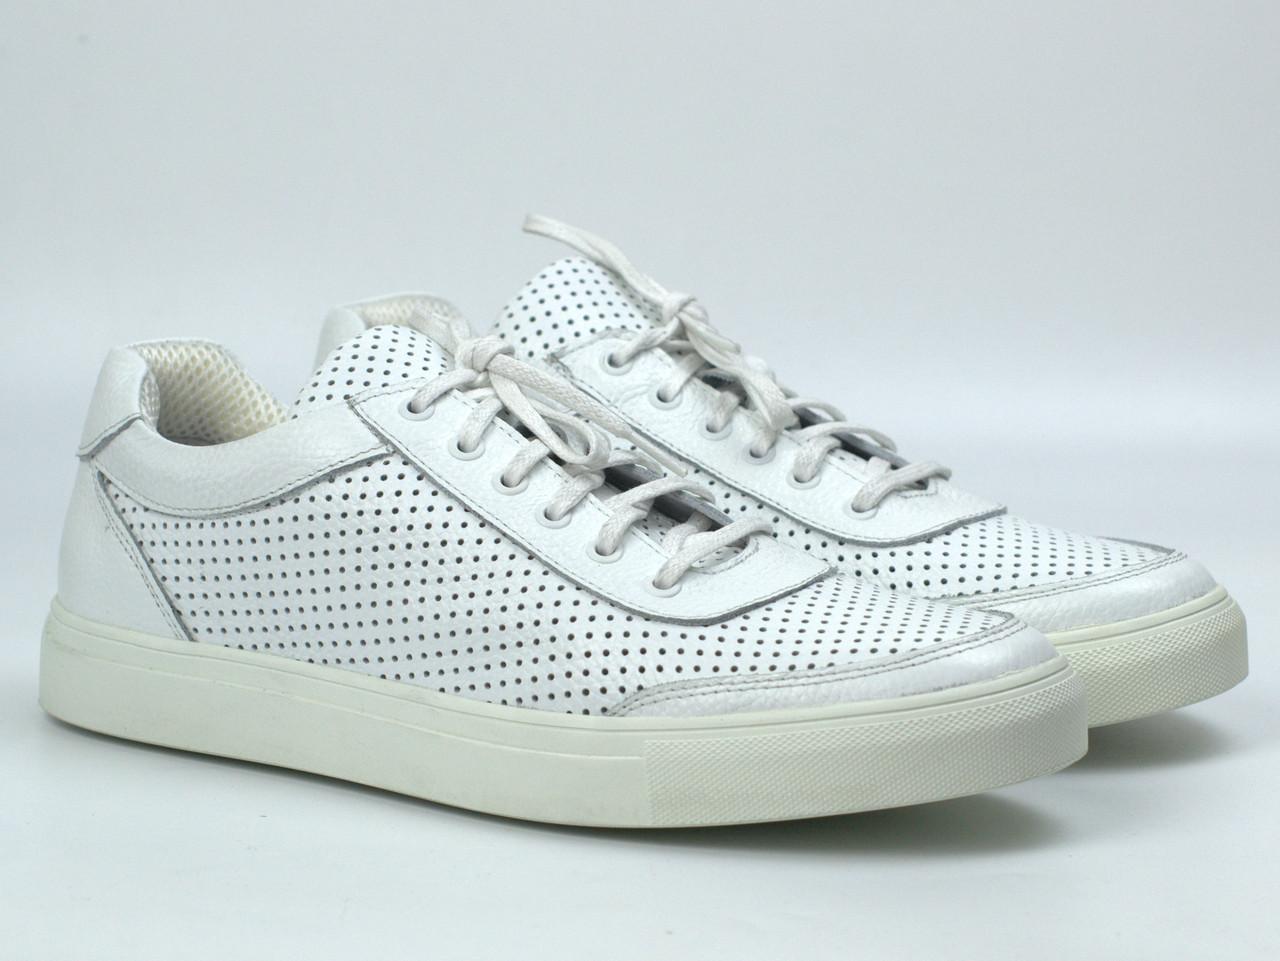 Мужские летние кроссовки белые кожаные кеды обувь больших размеров Rosso Avangard Ada White PerfLeath TPR BS